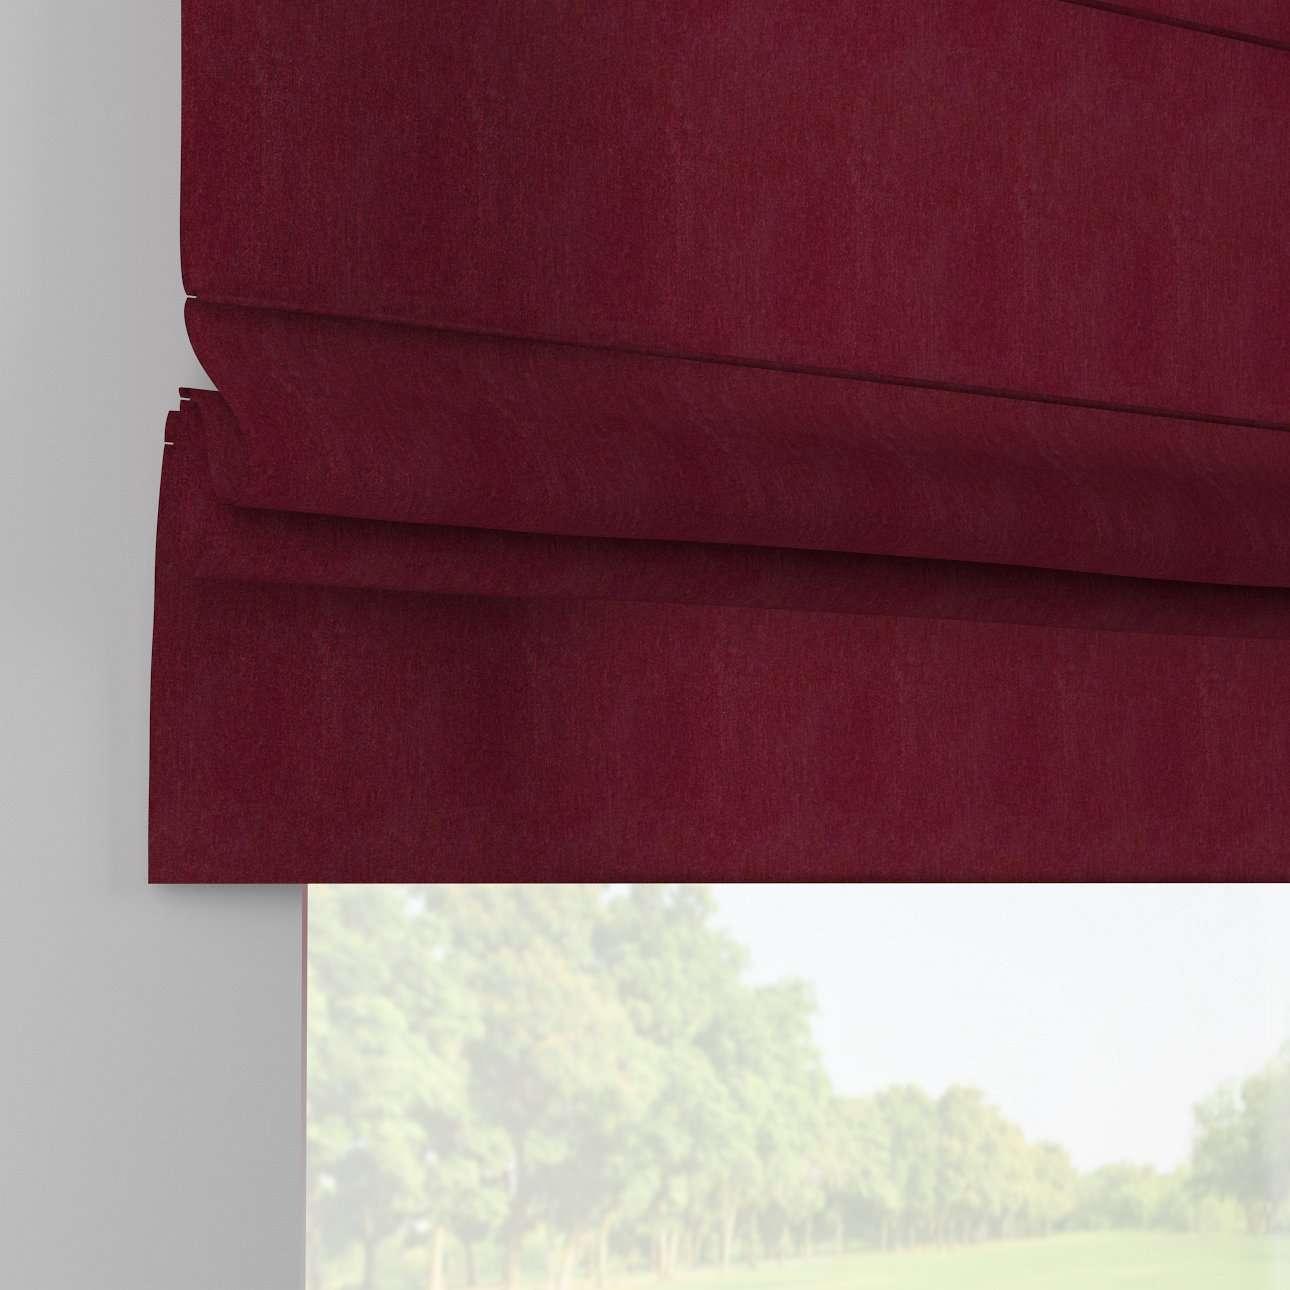 Foldegardin Paris<br/>Med lige flæse 130 x 170 cm fra kollektionen Chenille, Stof: 702-19